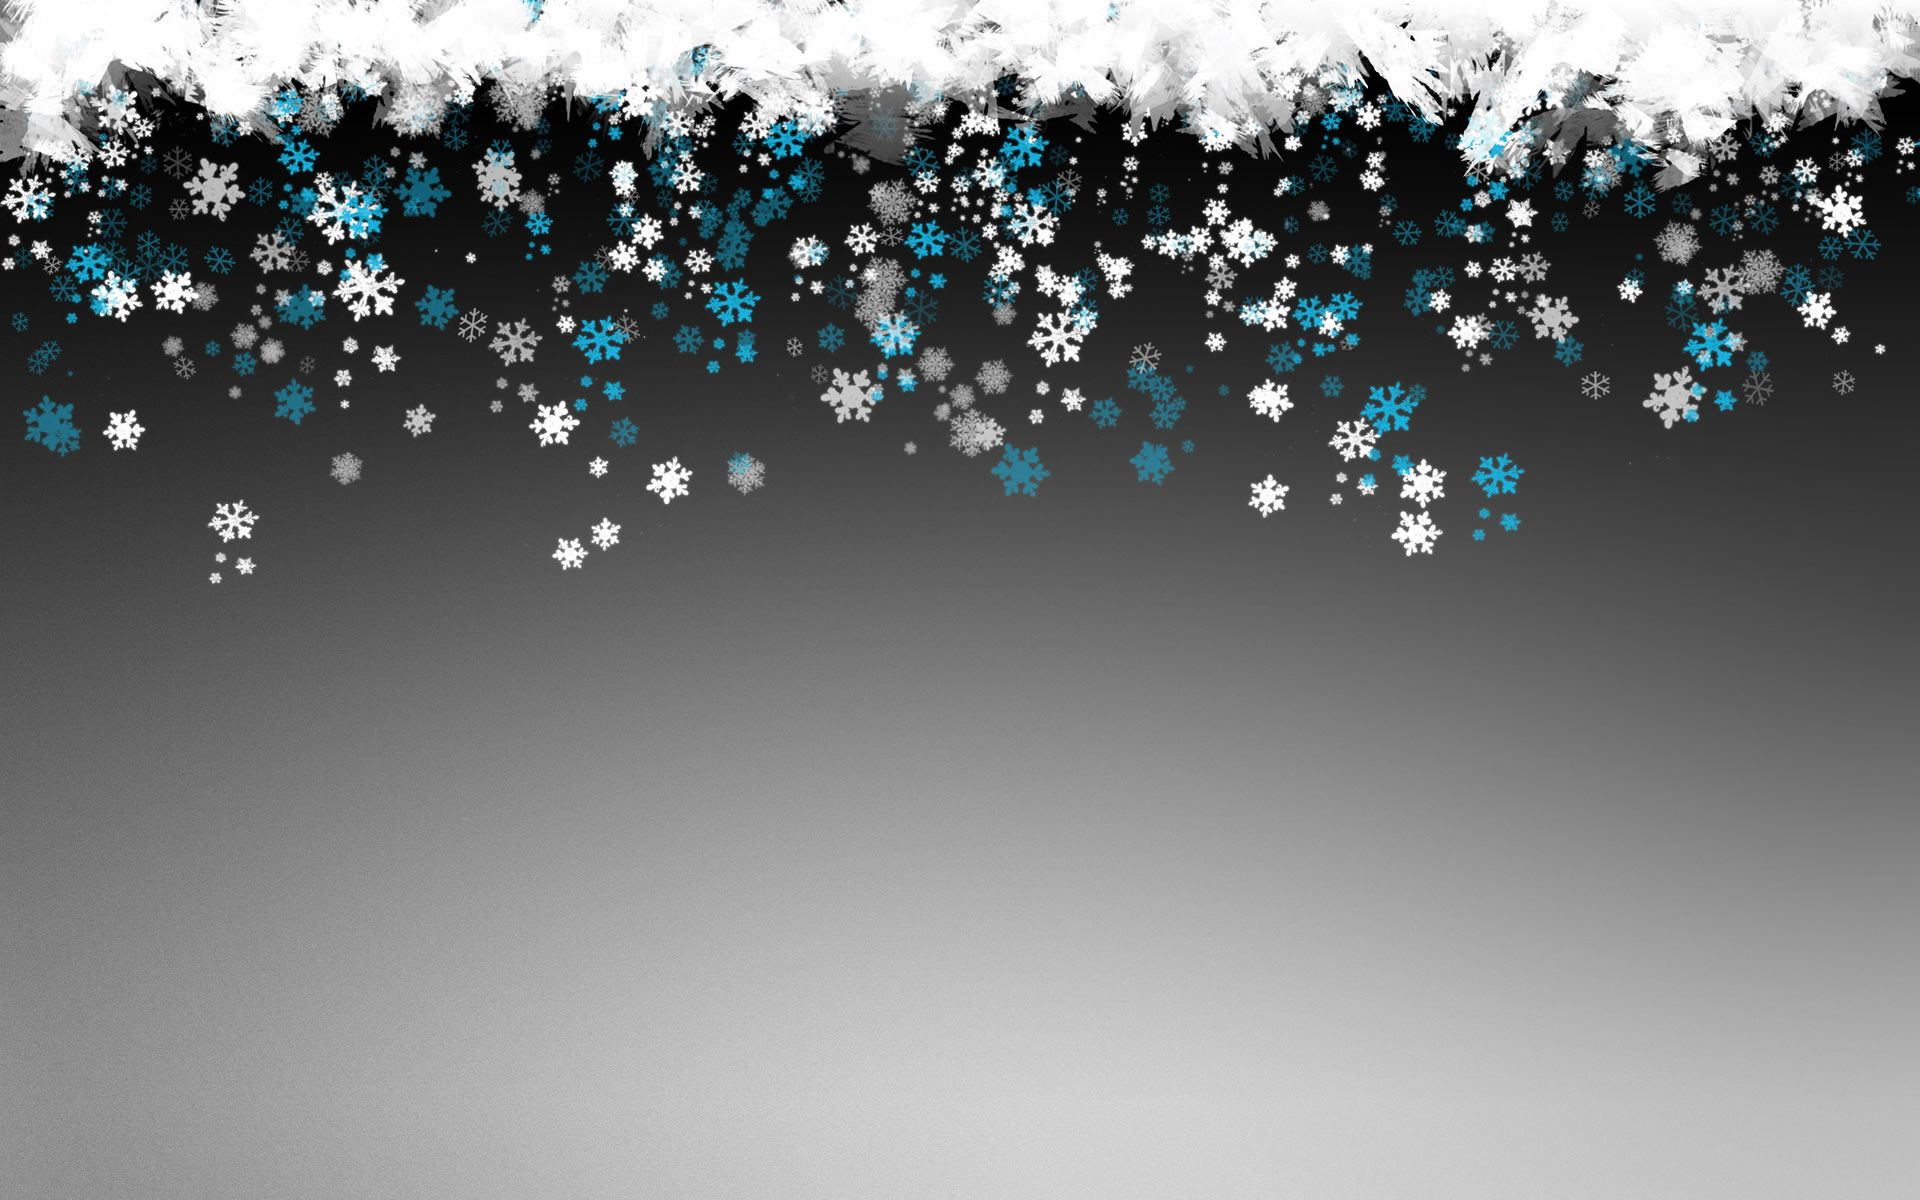 Fondos De Navidad Gratis Para Fotos Wallpaper Gratis 5 Fondos De Navidad Gratis Fondos Navidad Fondos